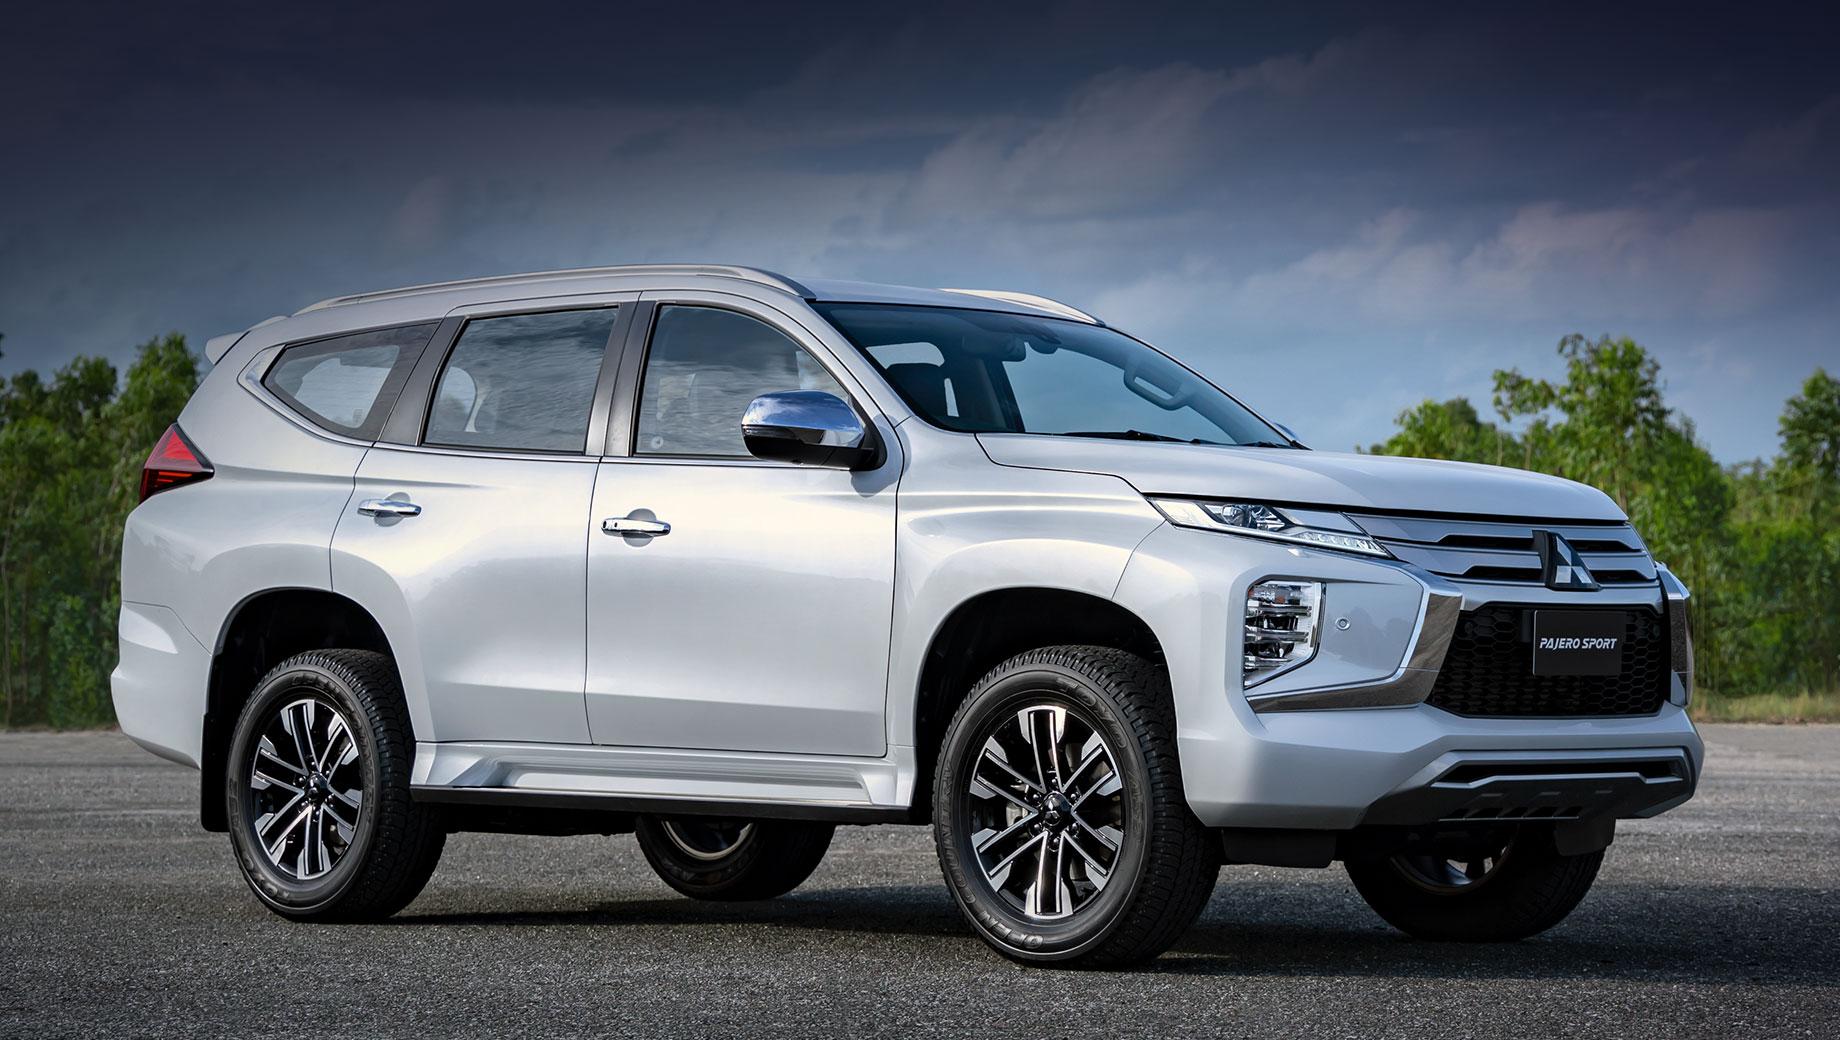 Обновлённый Mitsubishi Pajero Sport из Калуги выйдет на рынок в мае